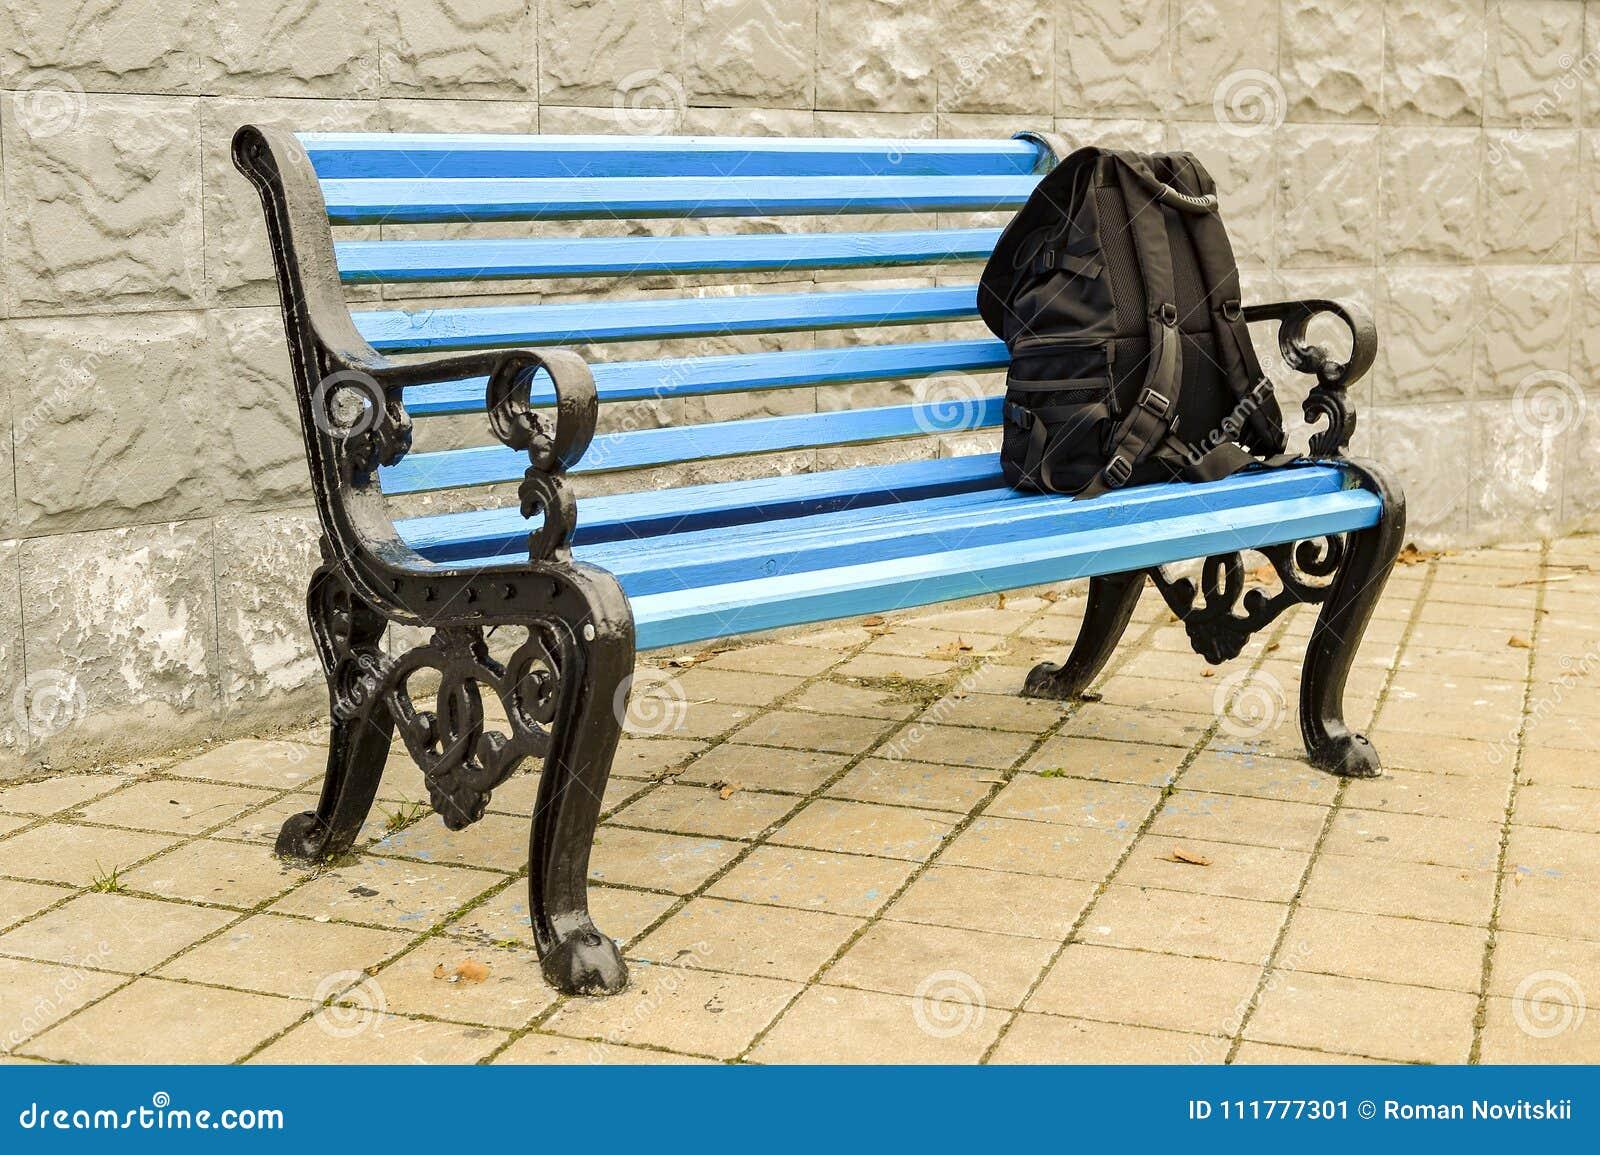 Le banc bleu en parc sur le trottoir carrelé avec un sac à dos noir aucun corps